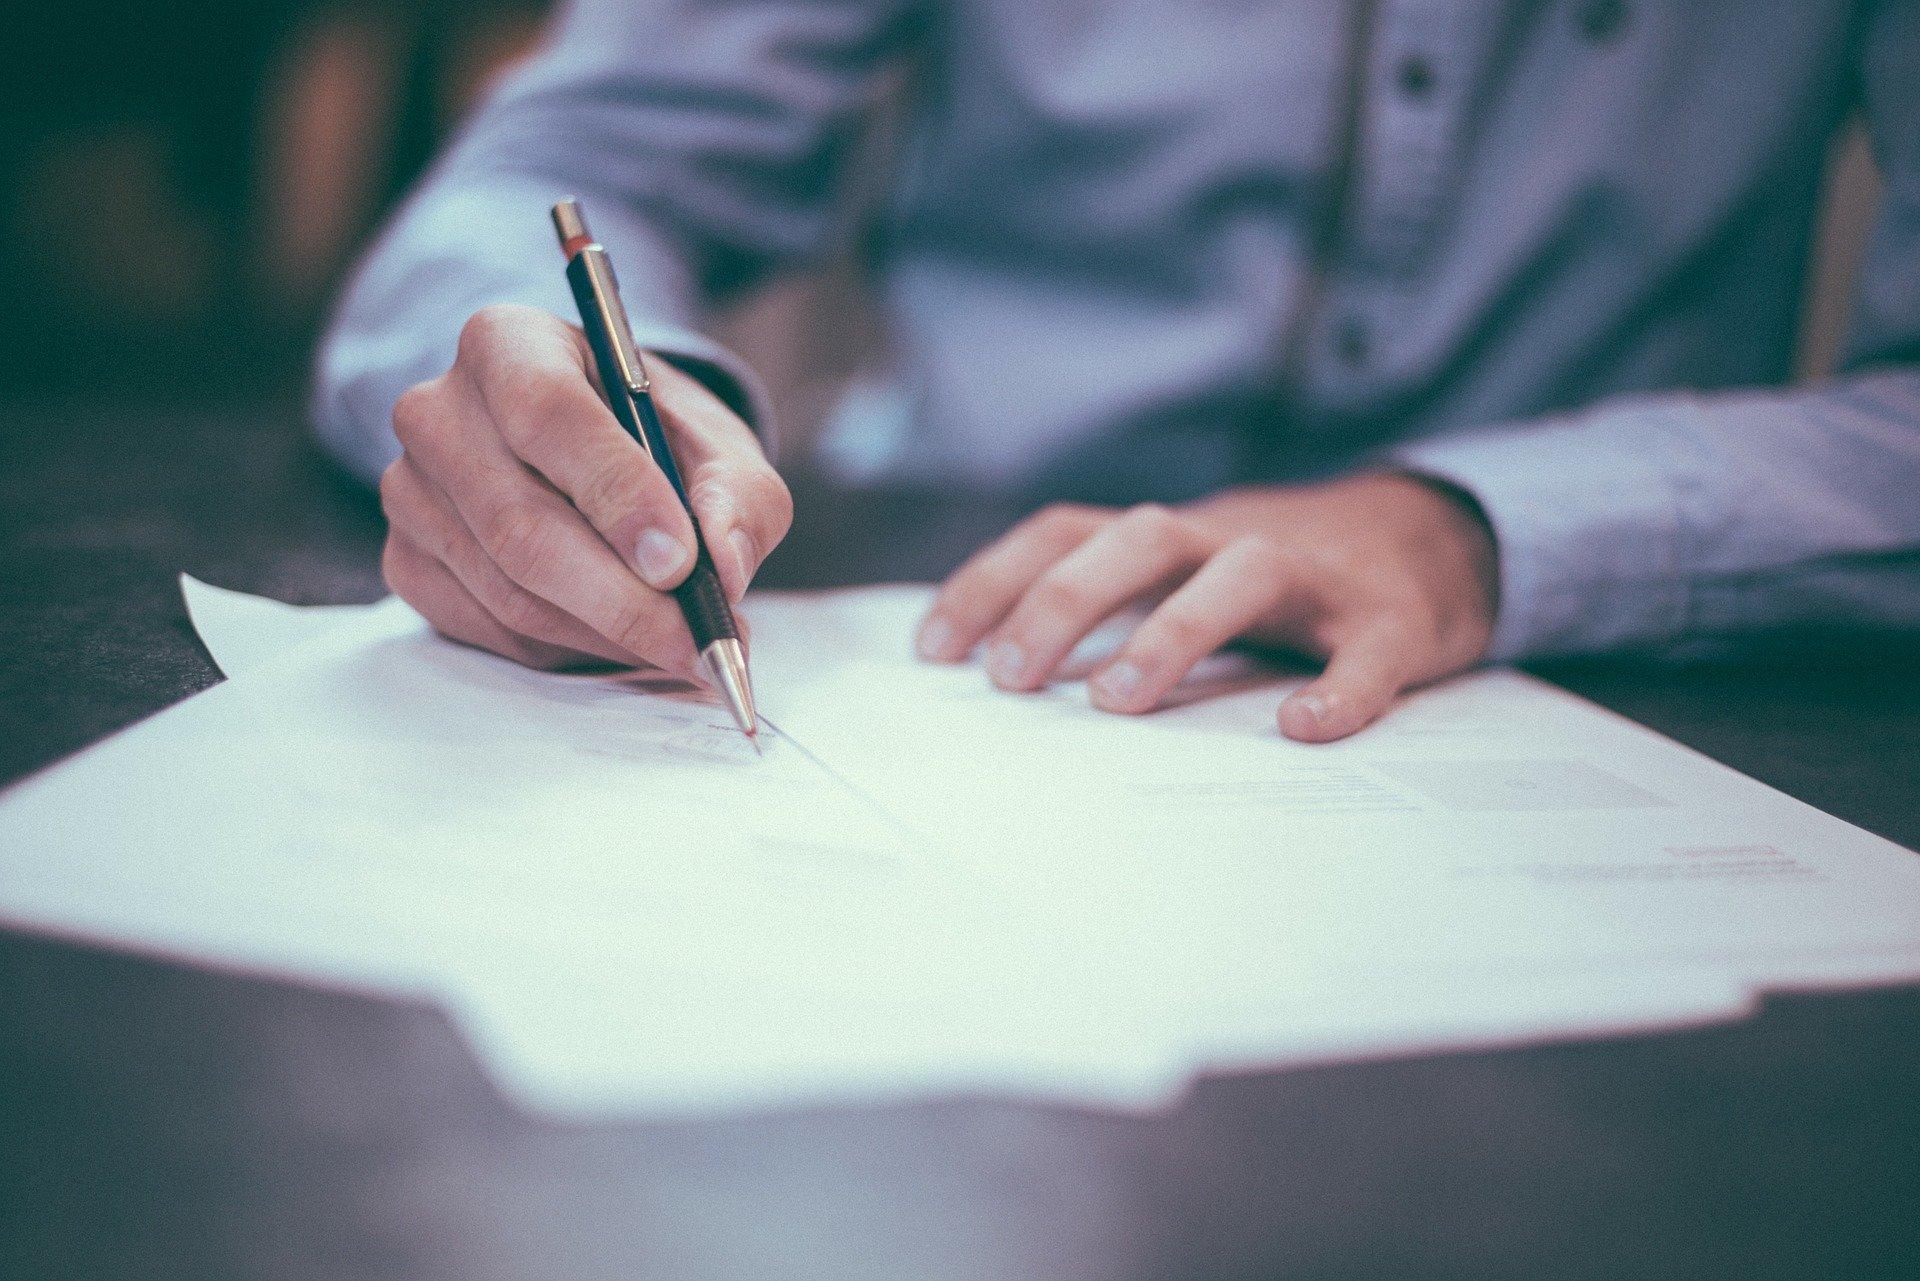 事業承継の準備(すでに1人の後継者を確保しているケース)を解説